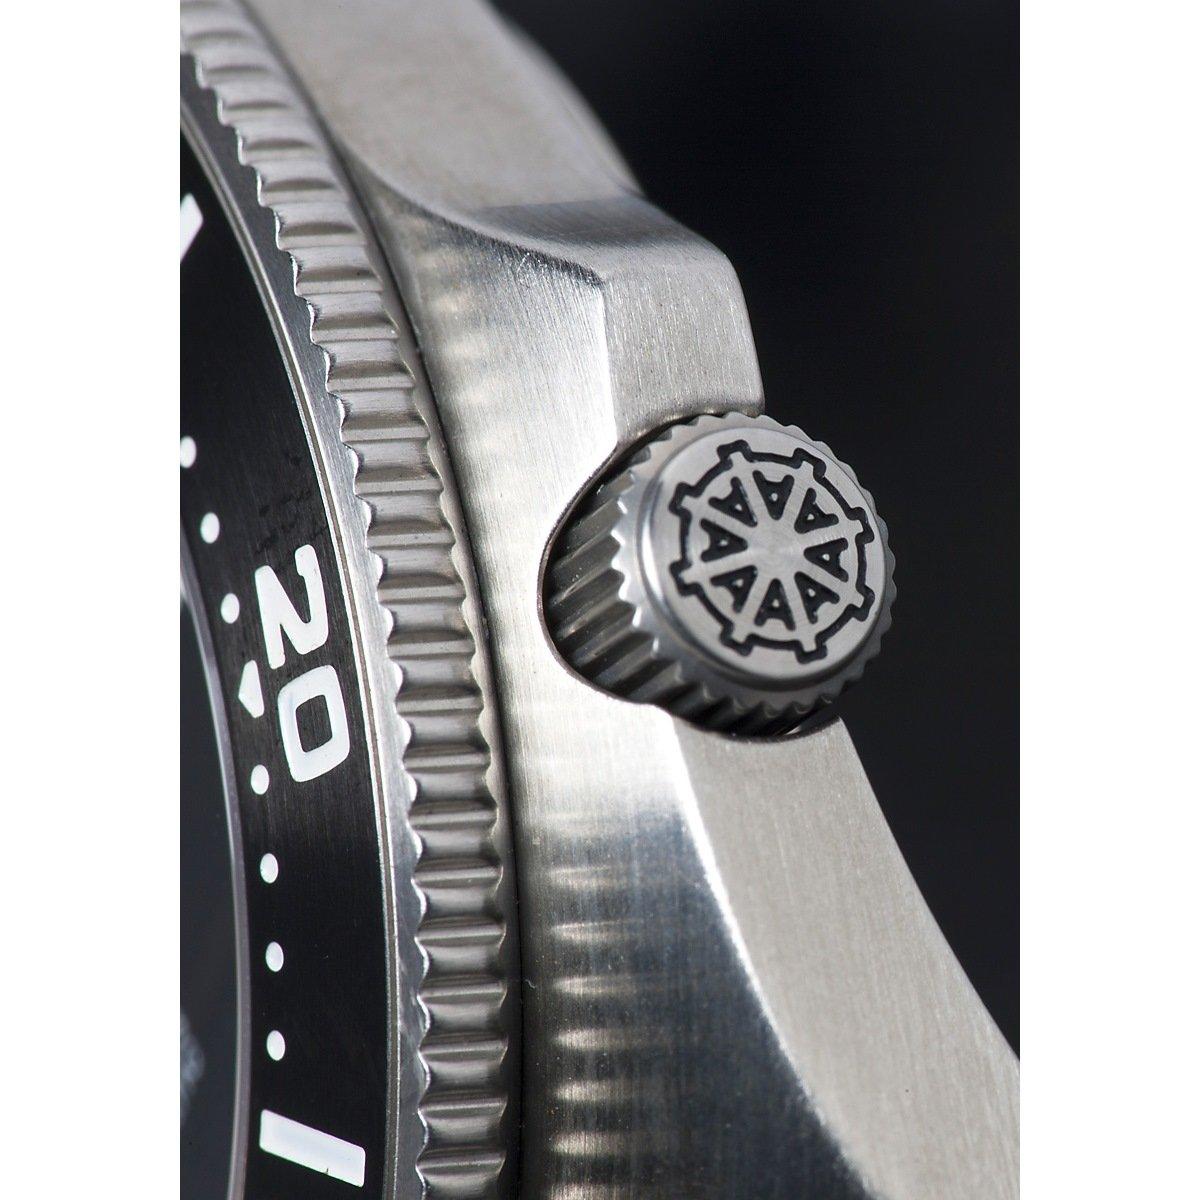 Montre Auricoste Spirotechnique 42mm 300m A9111 vue 2